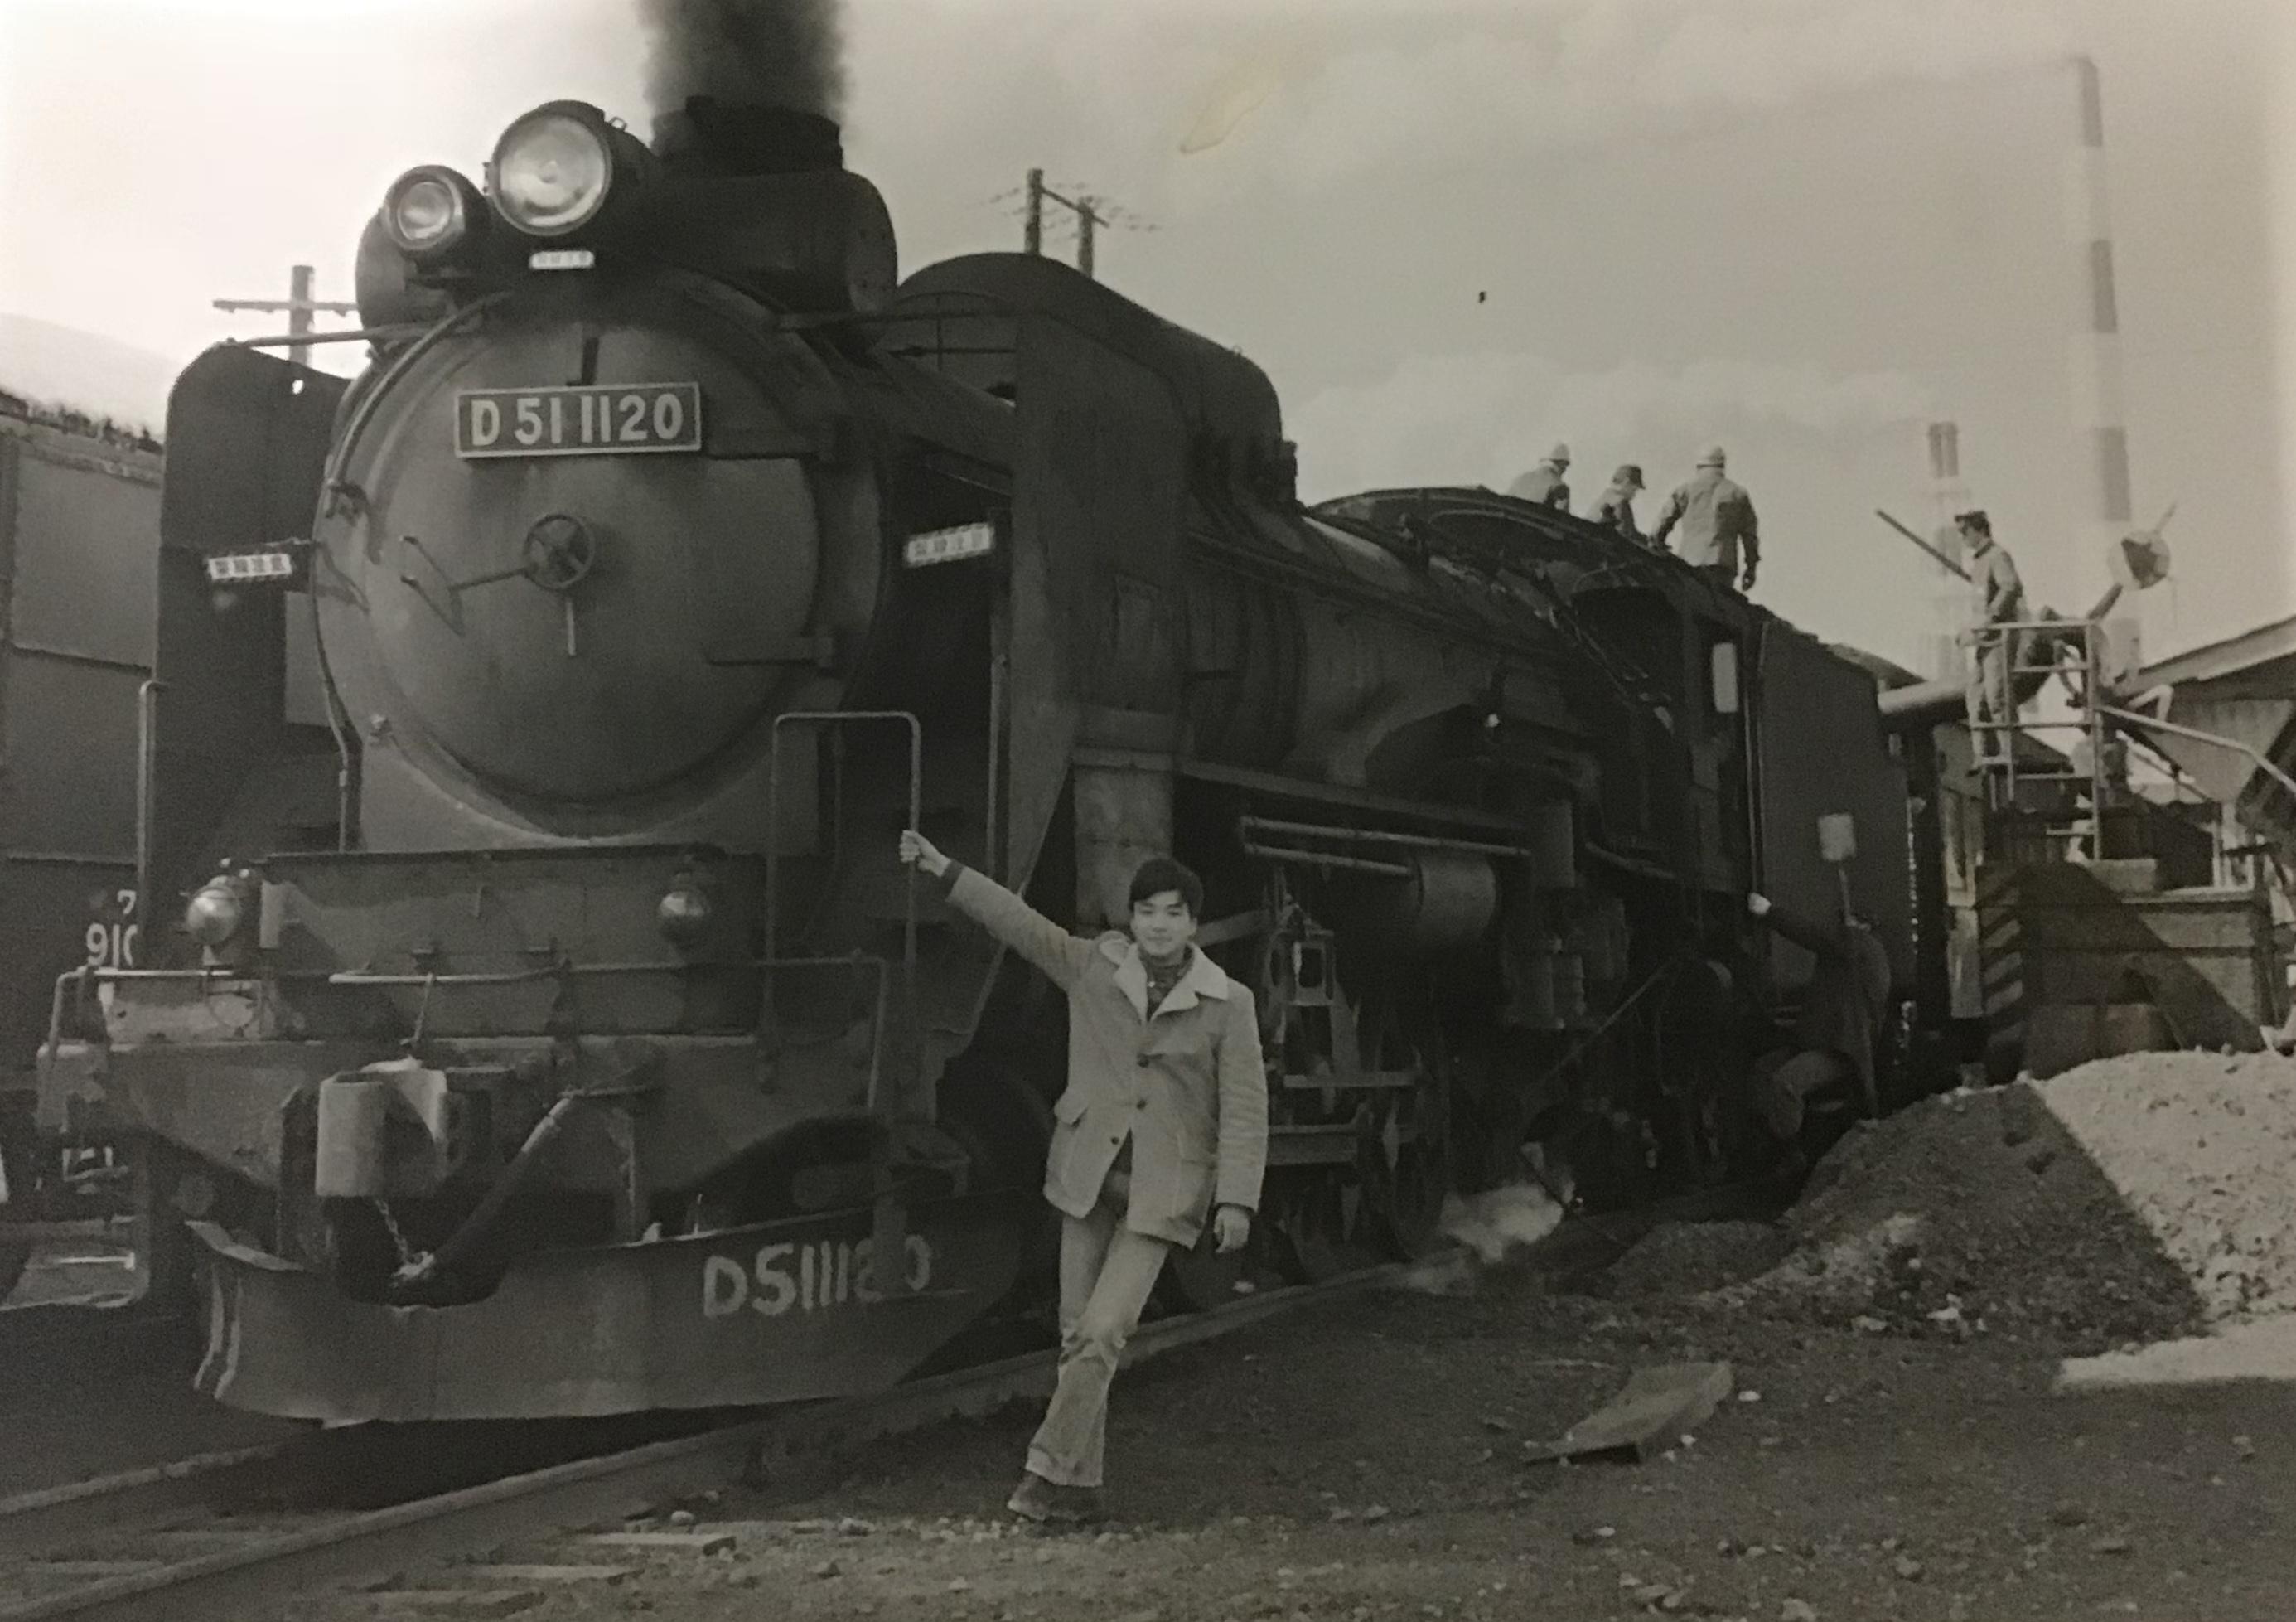 あなたと鉄道写真 2ページ目 発表